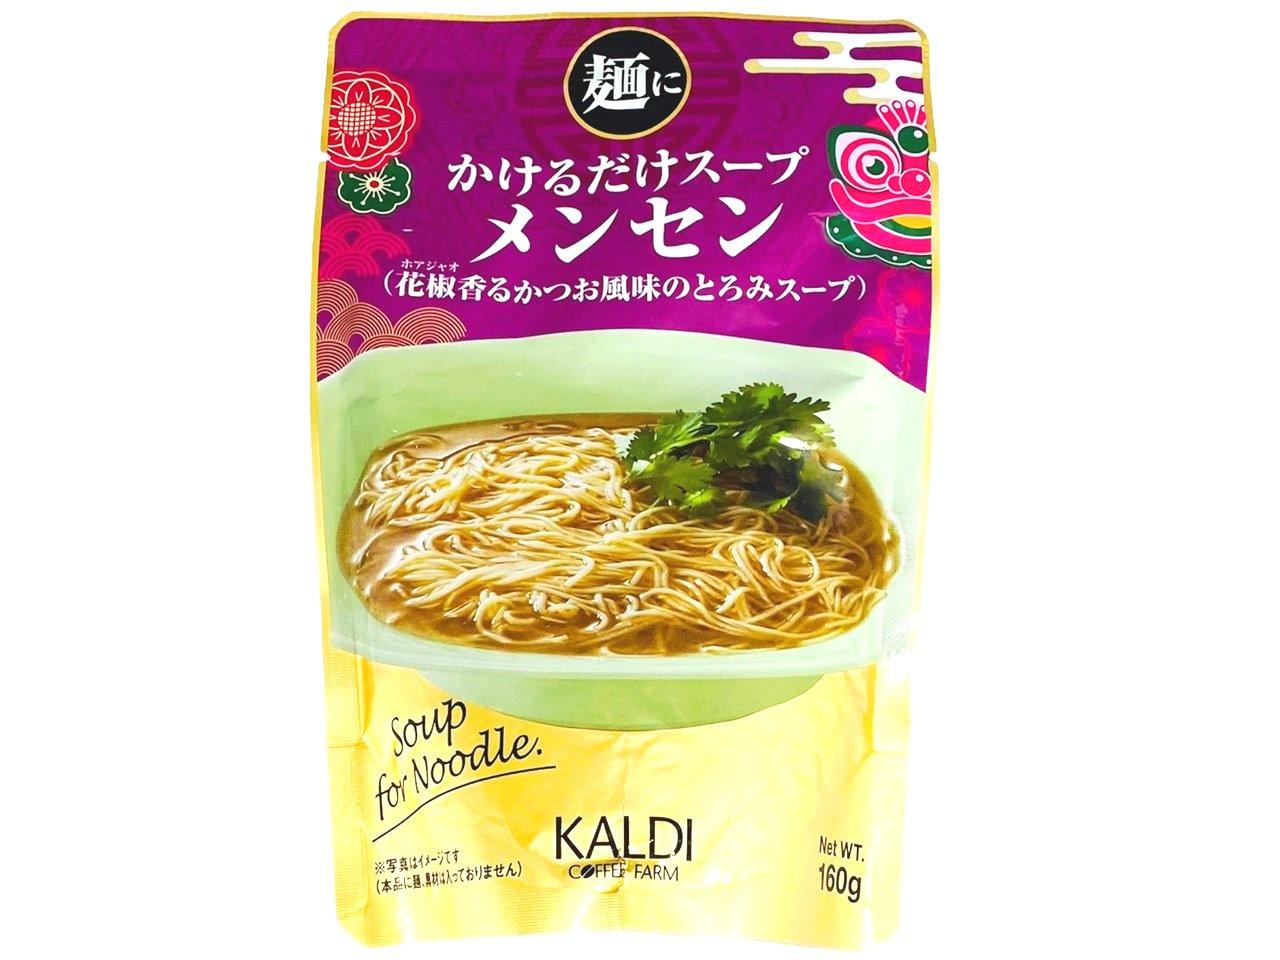 麺にかけるだけスープ メンセン 160g 198円 (花椒(ホアジャオ)香るかつお風味のとろみスープ)